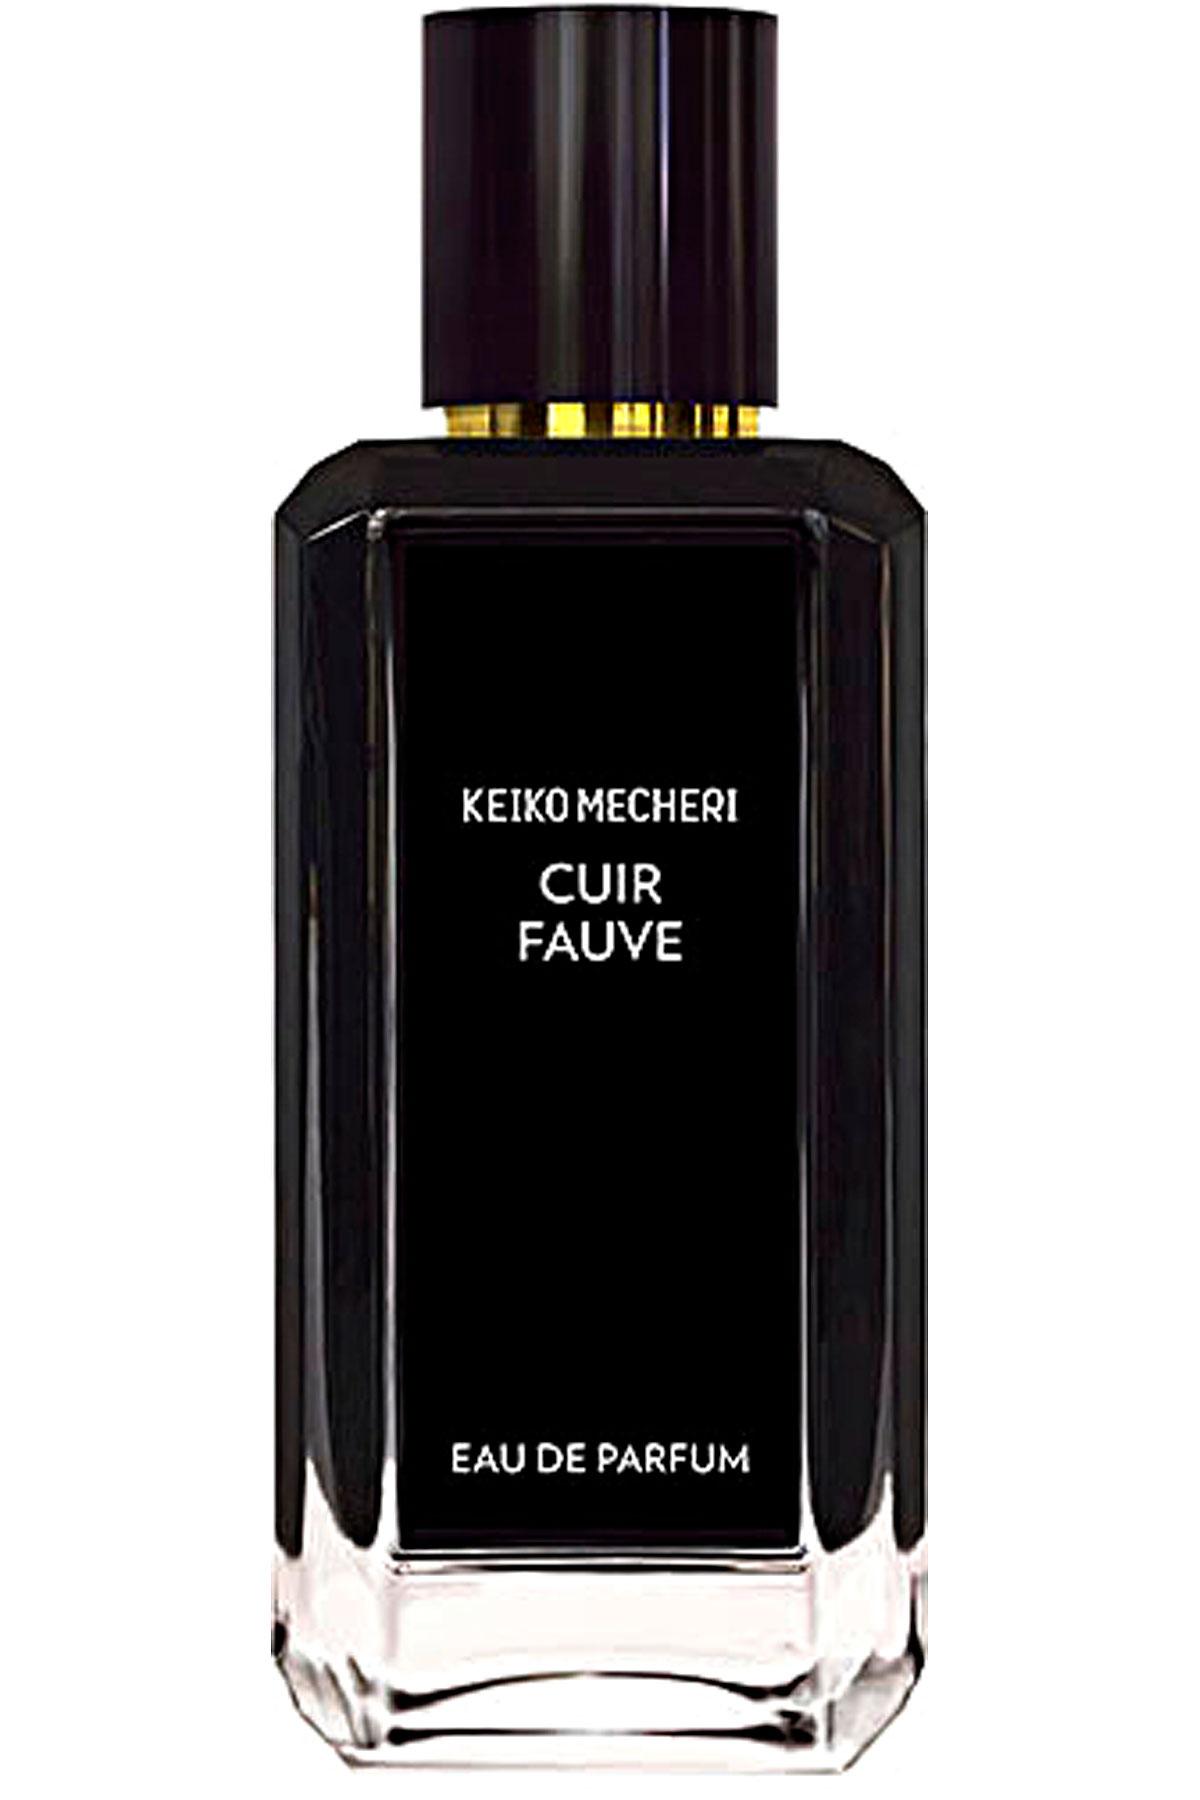 Keiko Mecheri Fragrances for Men, Cuir Fauve - Eau De Parfum - 100 Ml, 2019, 100 ml